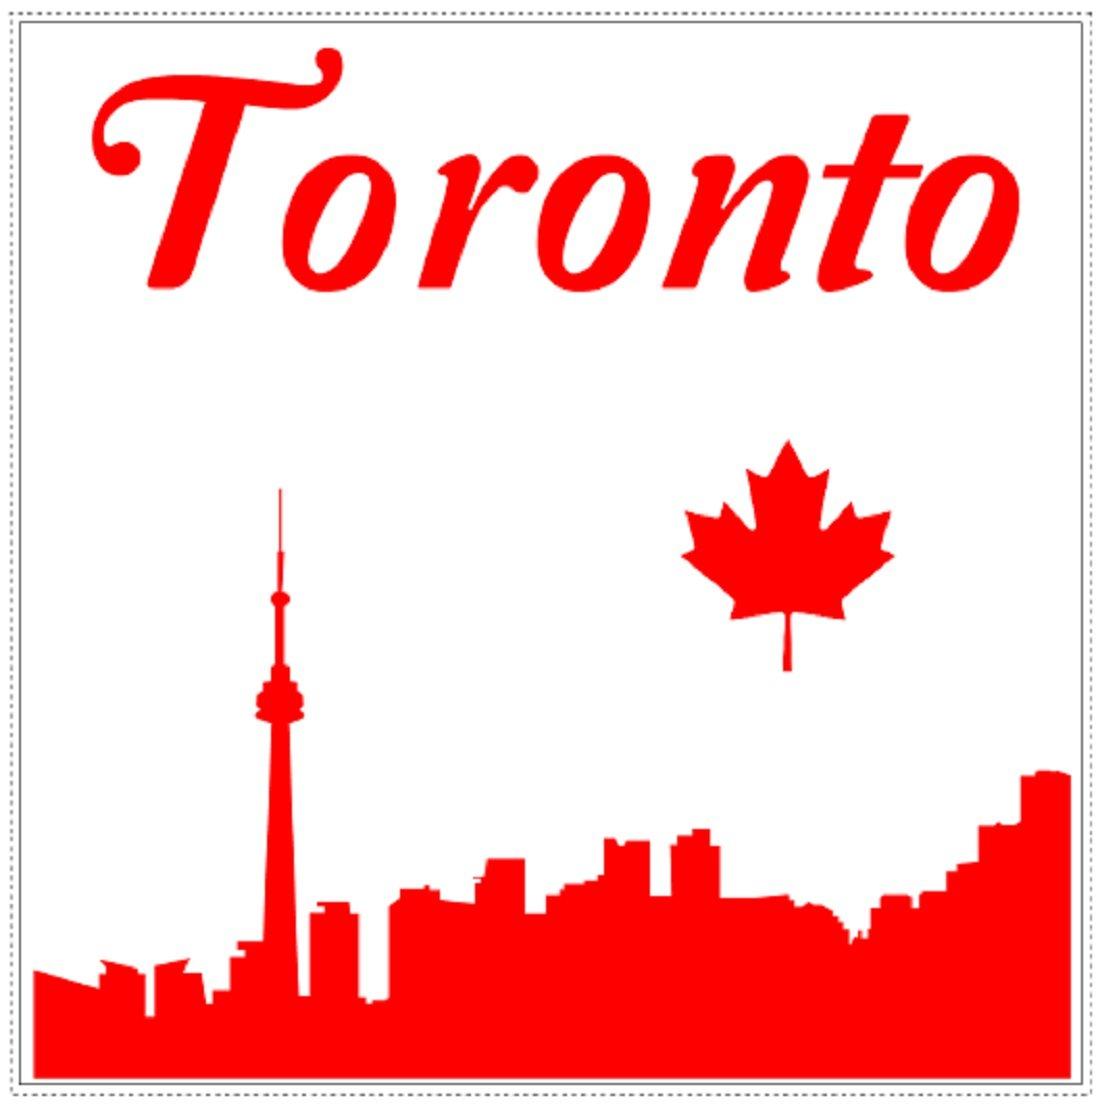 U s custom stickers toronto skyline maple leaf square sticker 3 inch